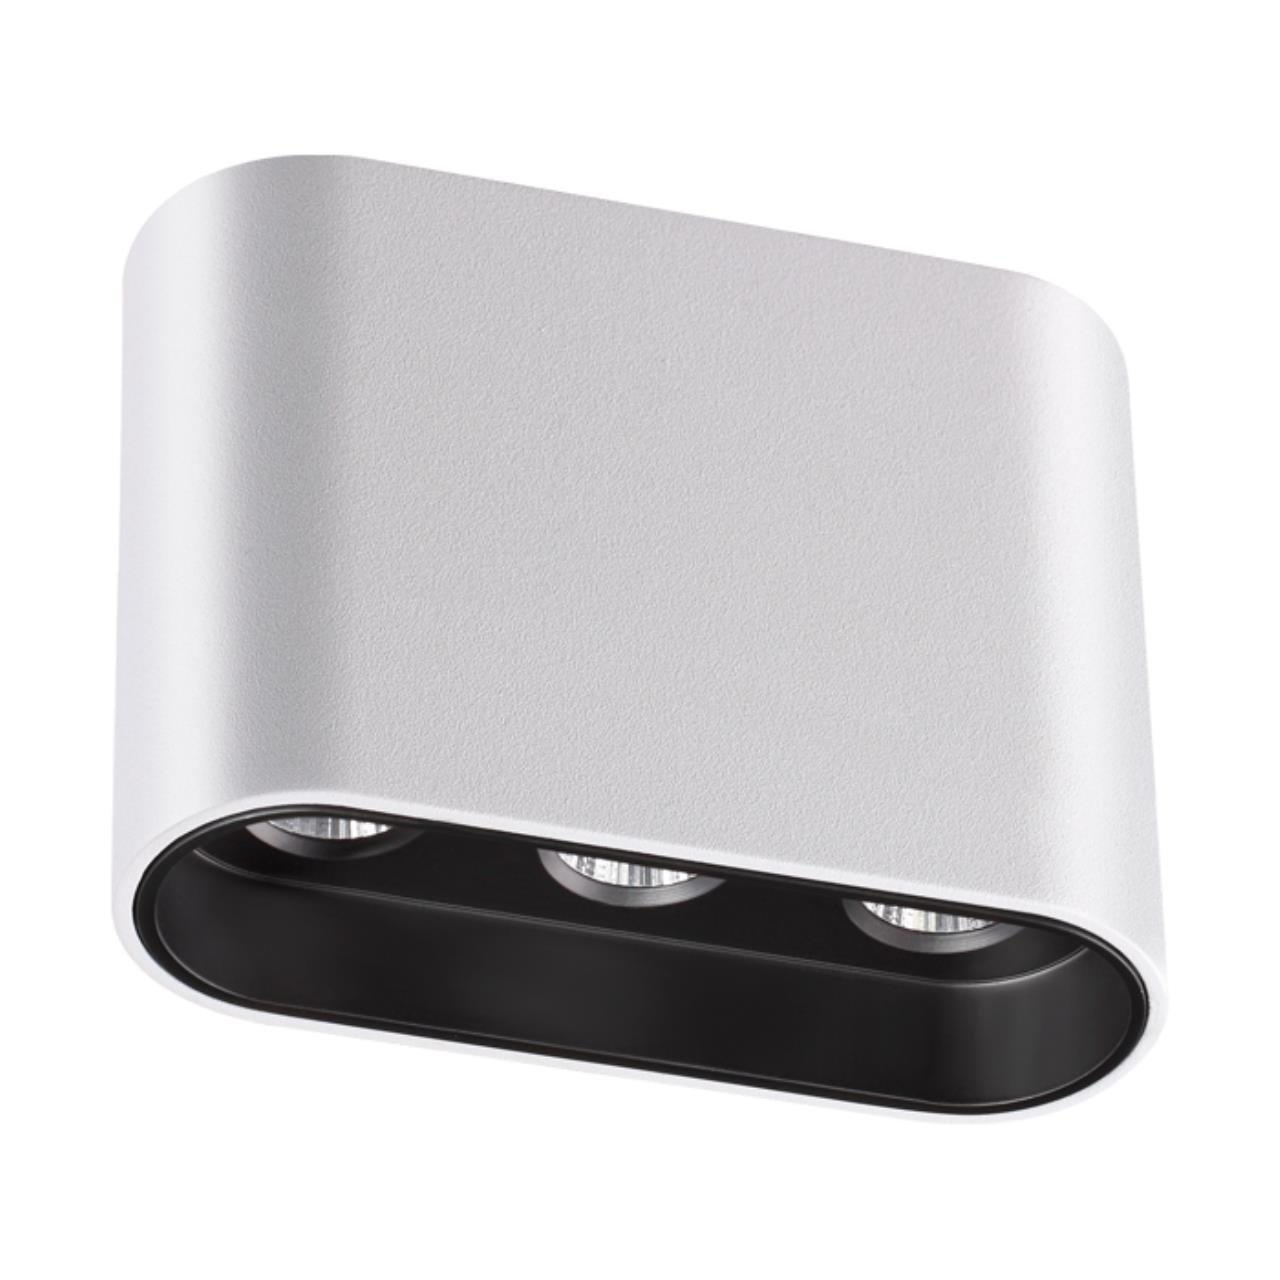 357948 OVER NT19 027 белый/черный Накладной светильник IP20 LED 3000К 7W 220-240V BELLA